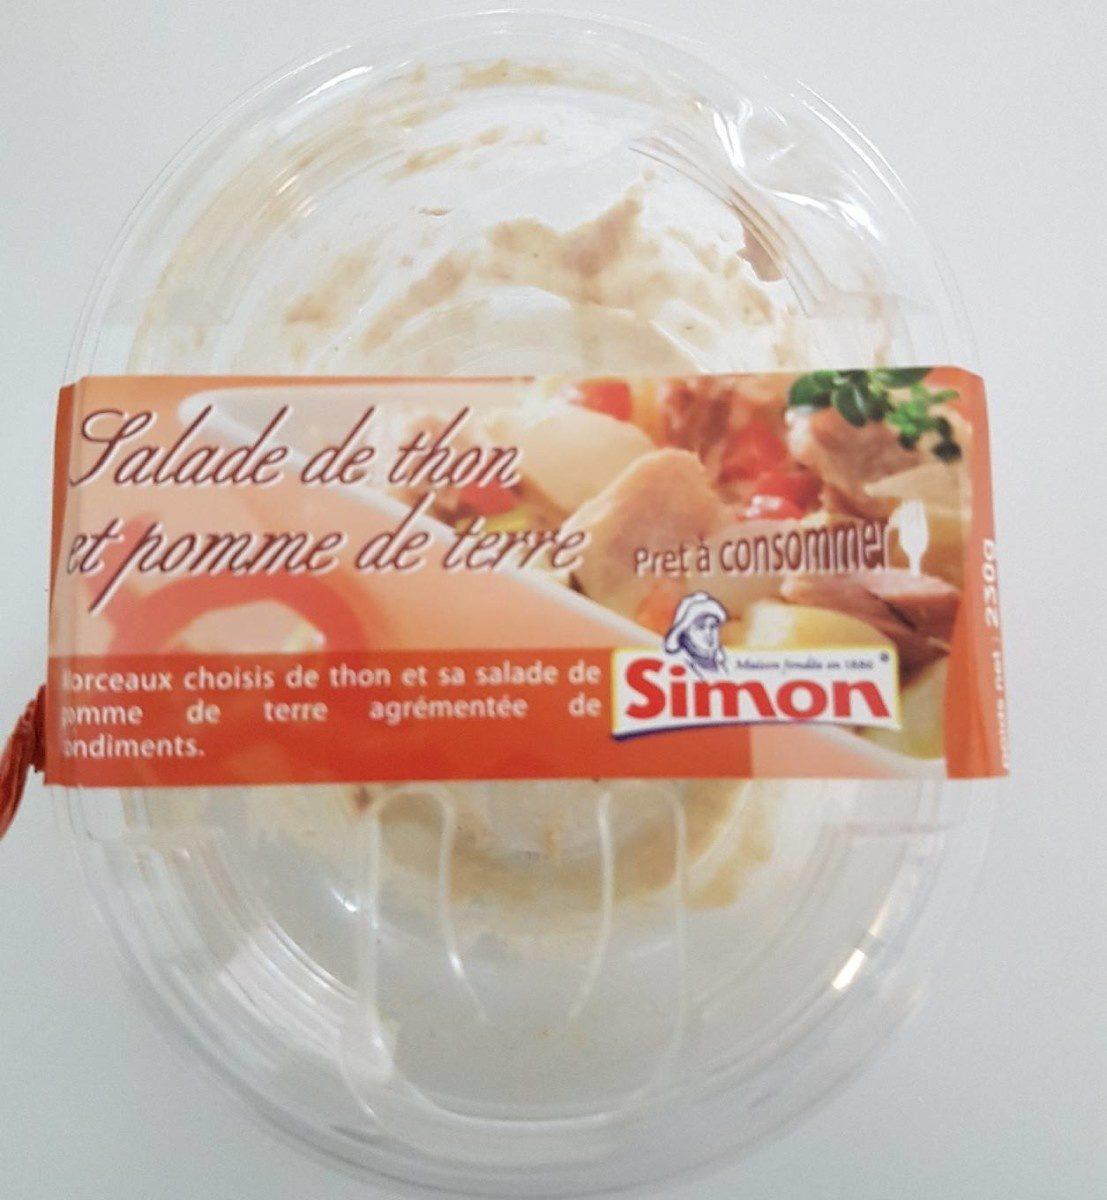 Salade de thon et pomme de terre - Product - fr